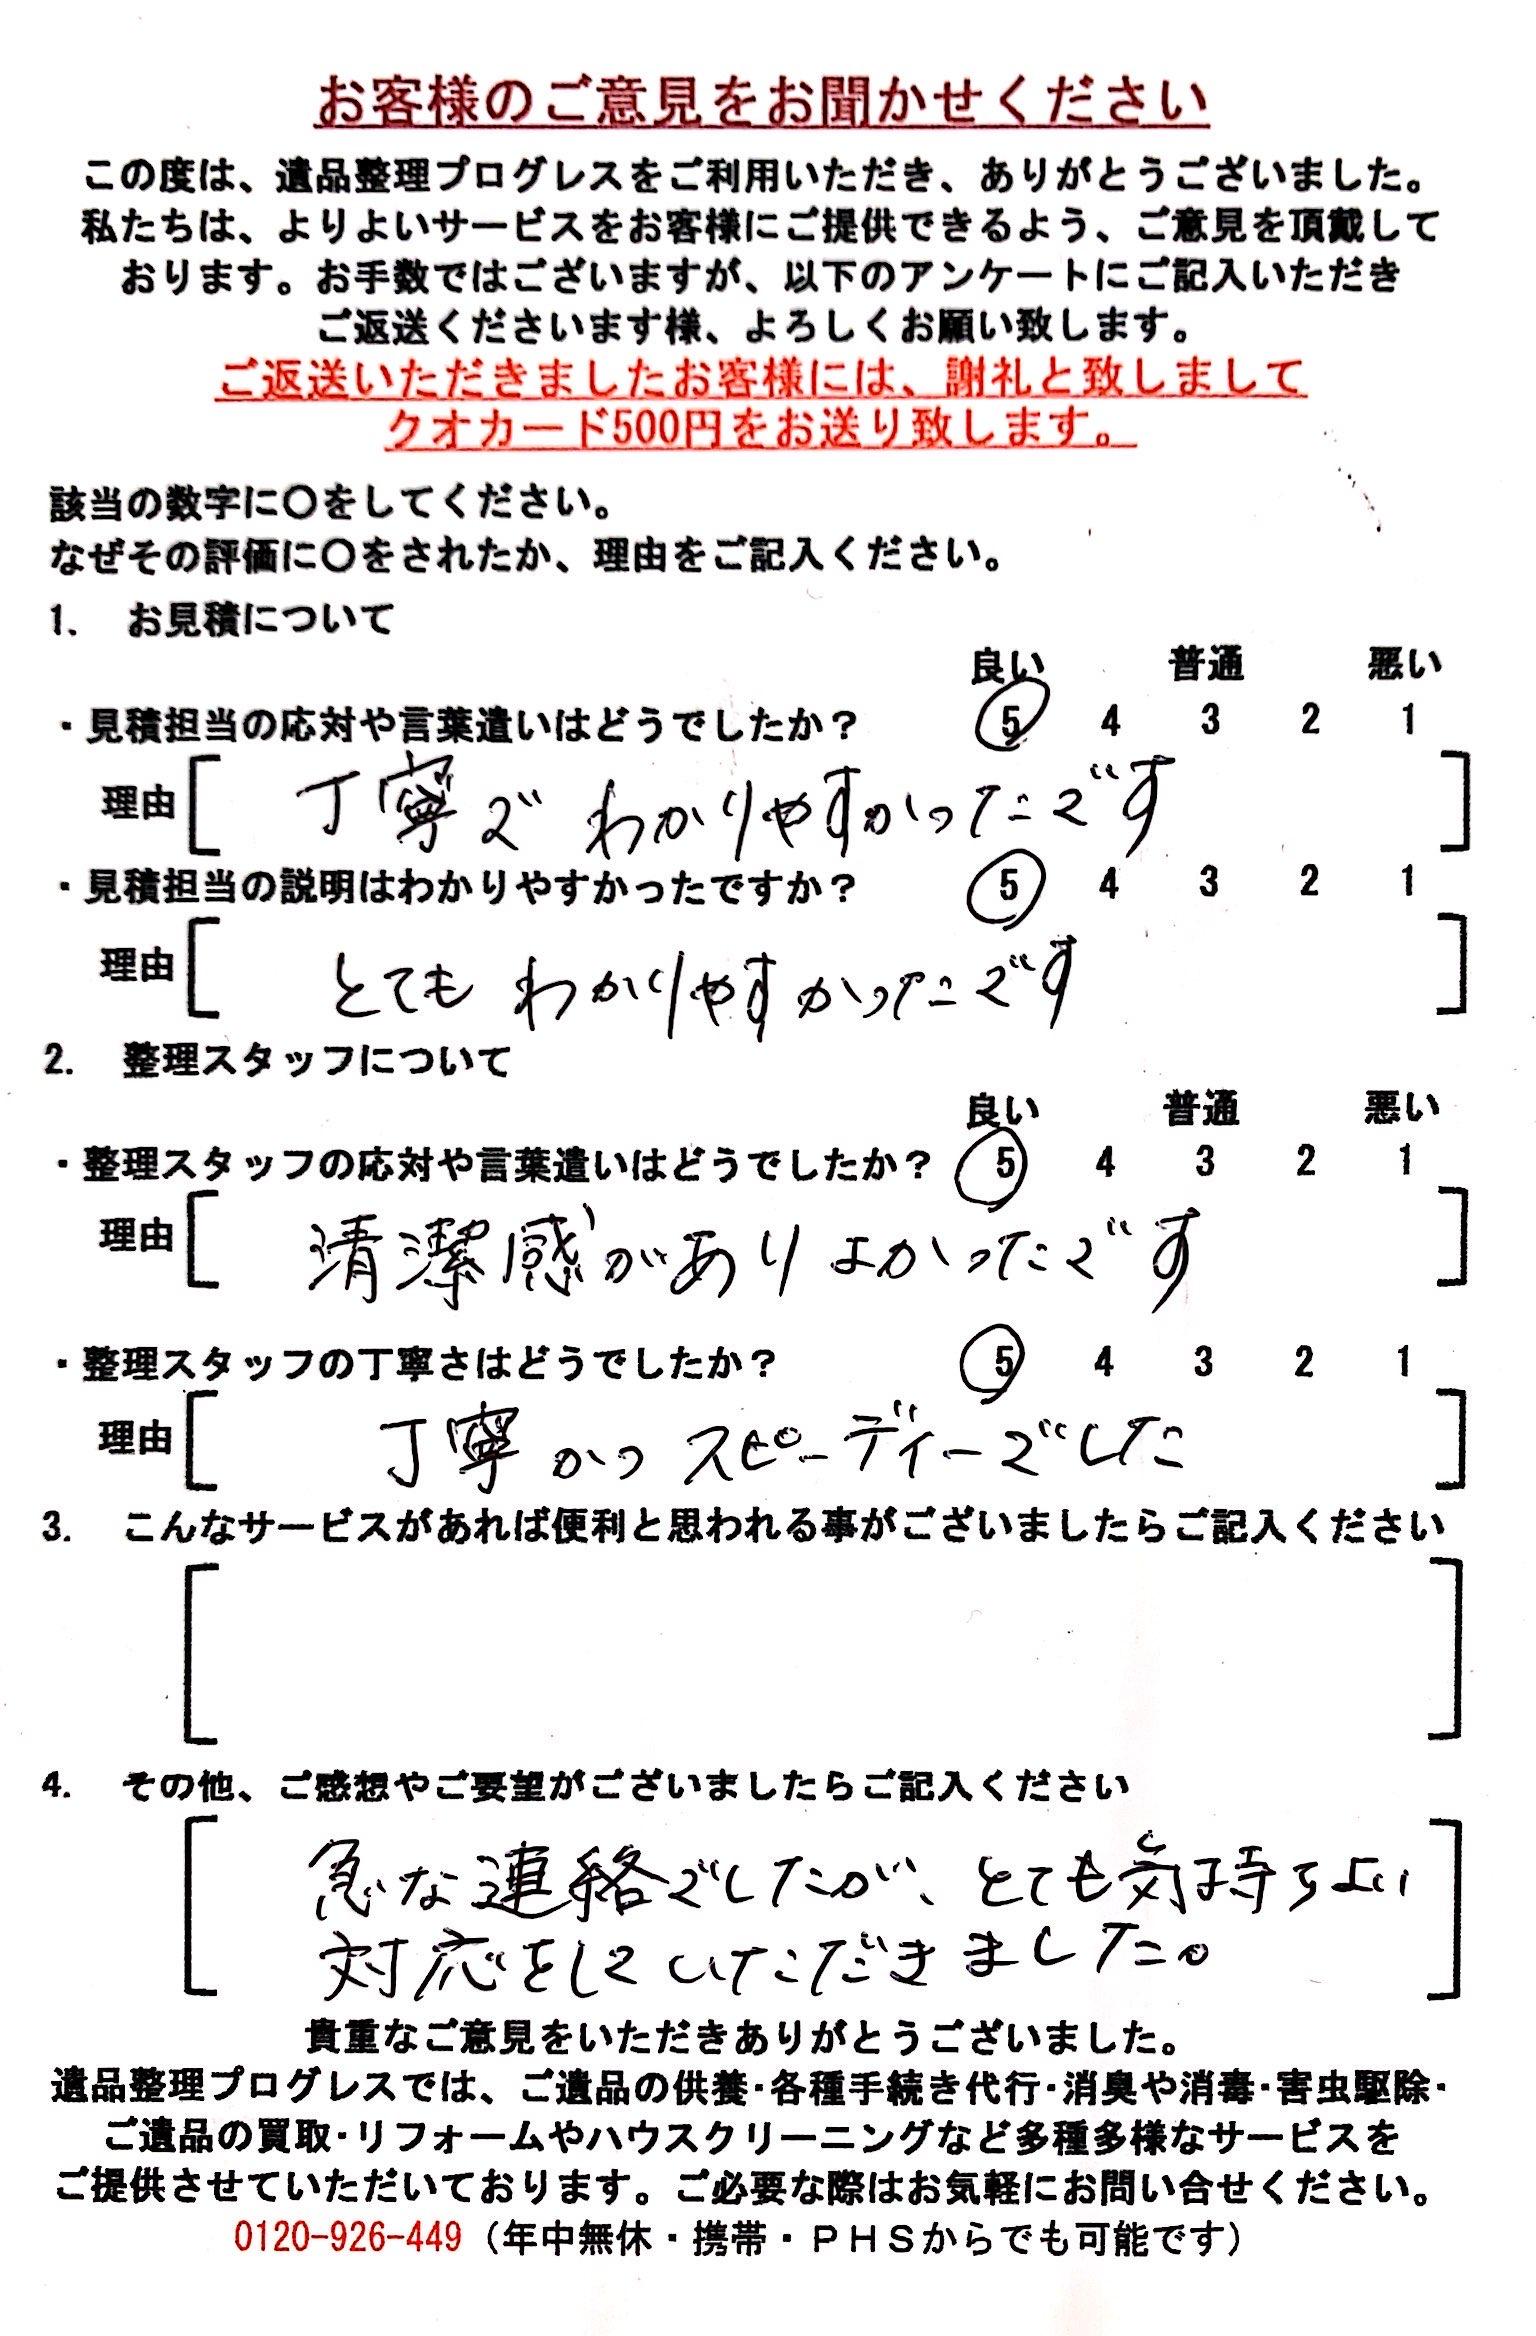 O・T様 静岡県焼津市のアンケート用紙